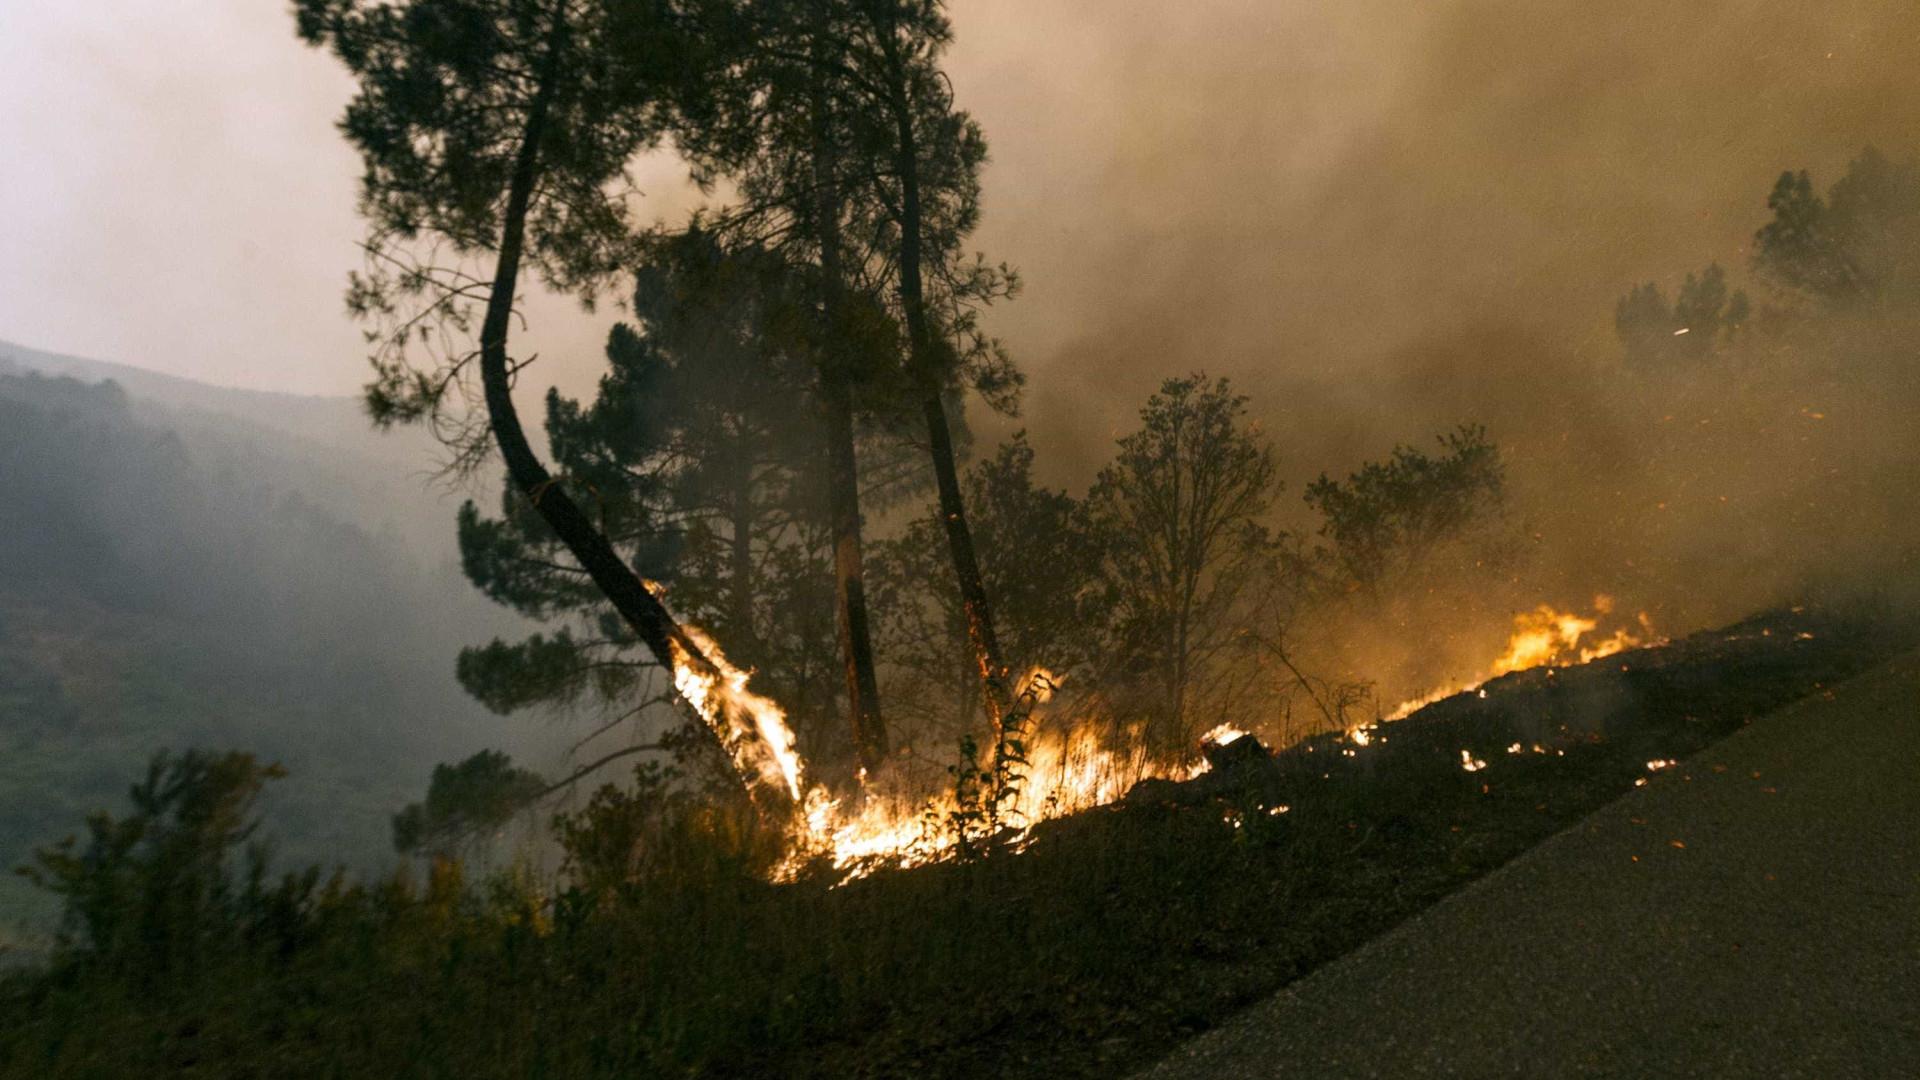 Empresas Em Arcos De Valdevez idosa morre em incêndio agrícola em arcos de valdevez